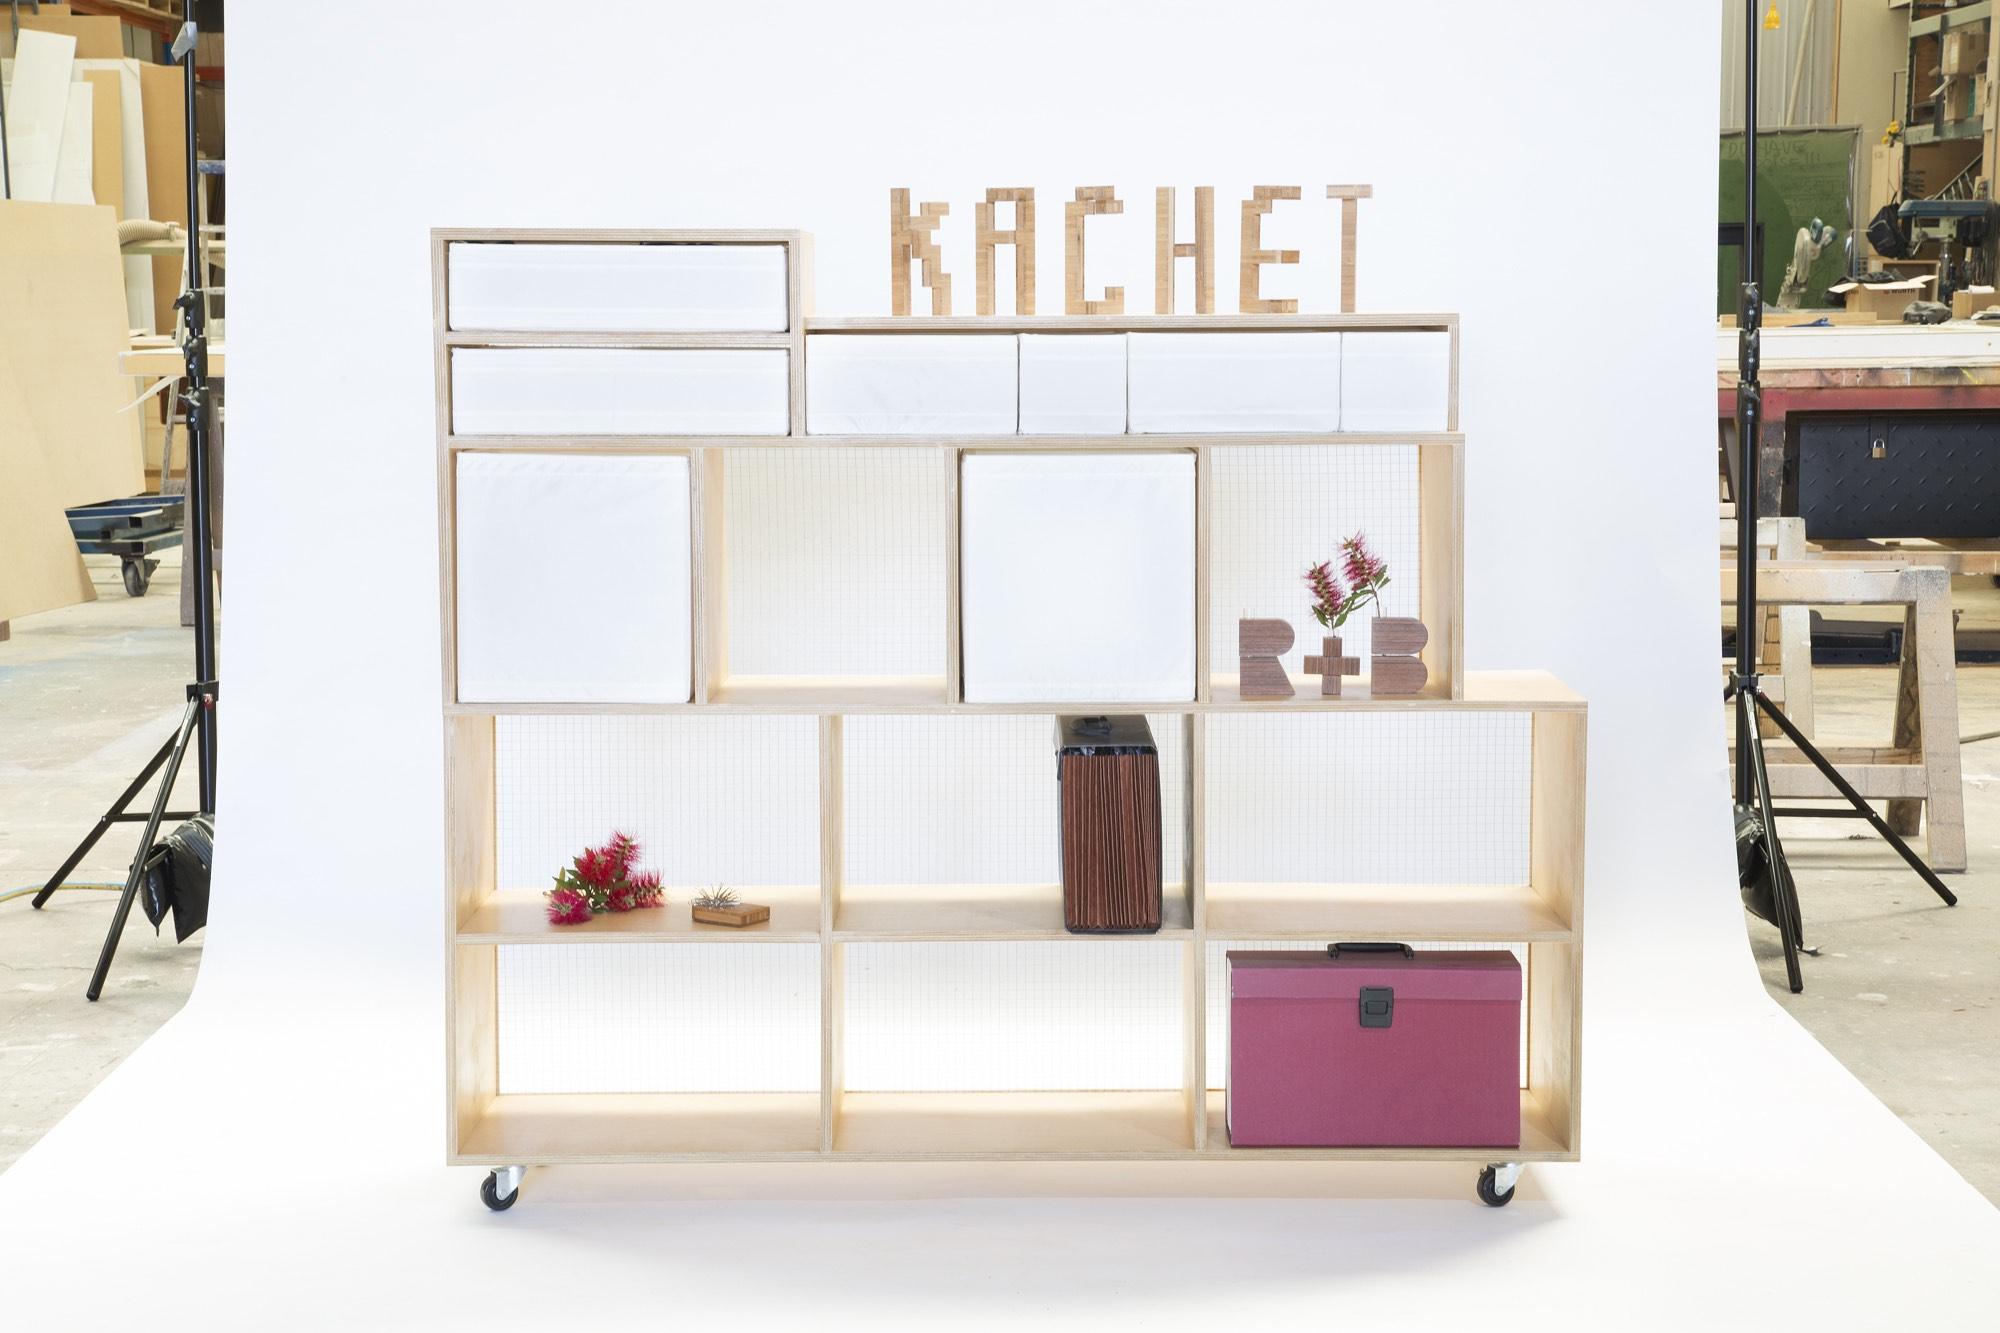 VSP_Kachet_Shelving unit_ad.jpg